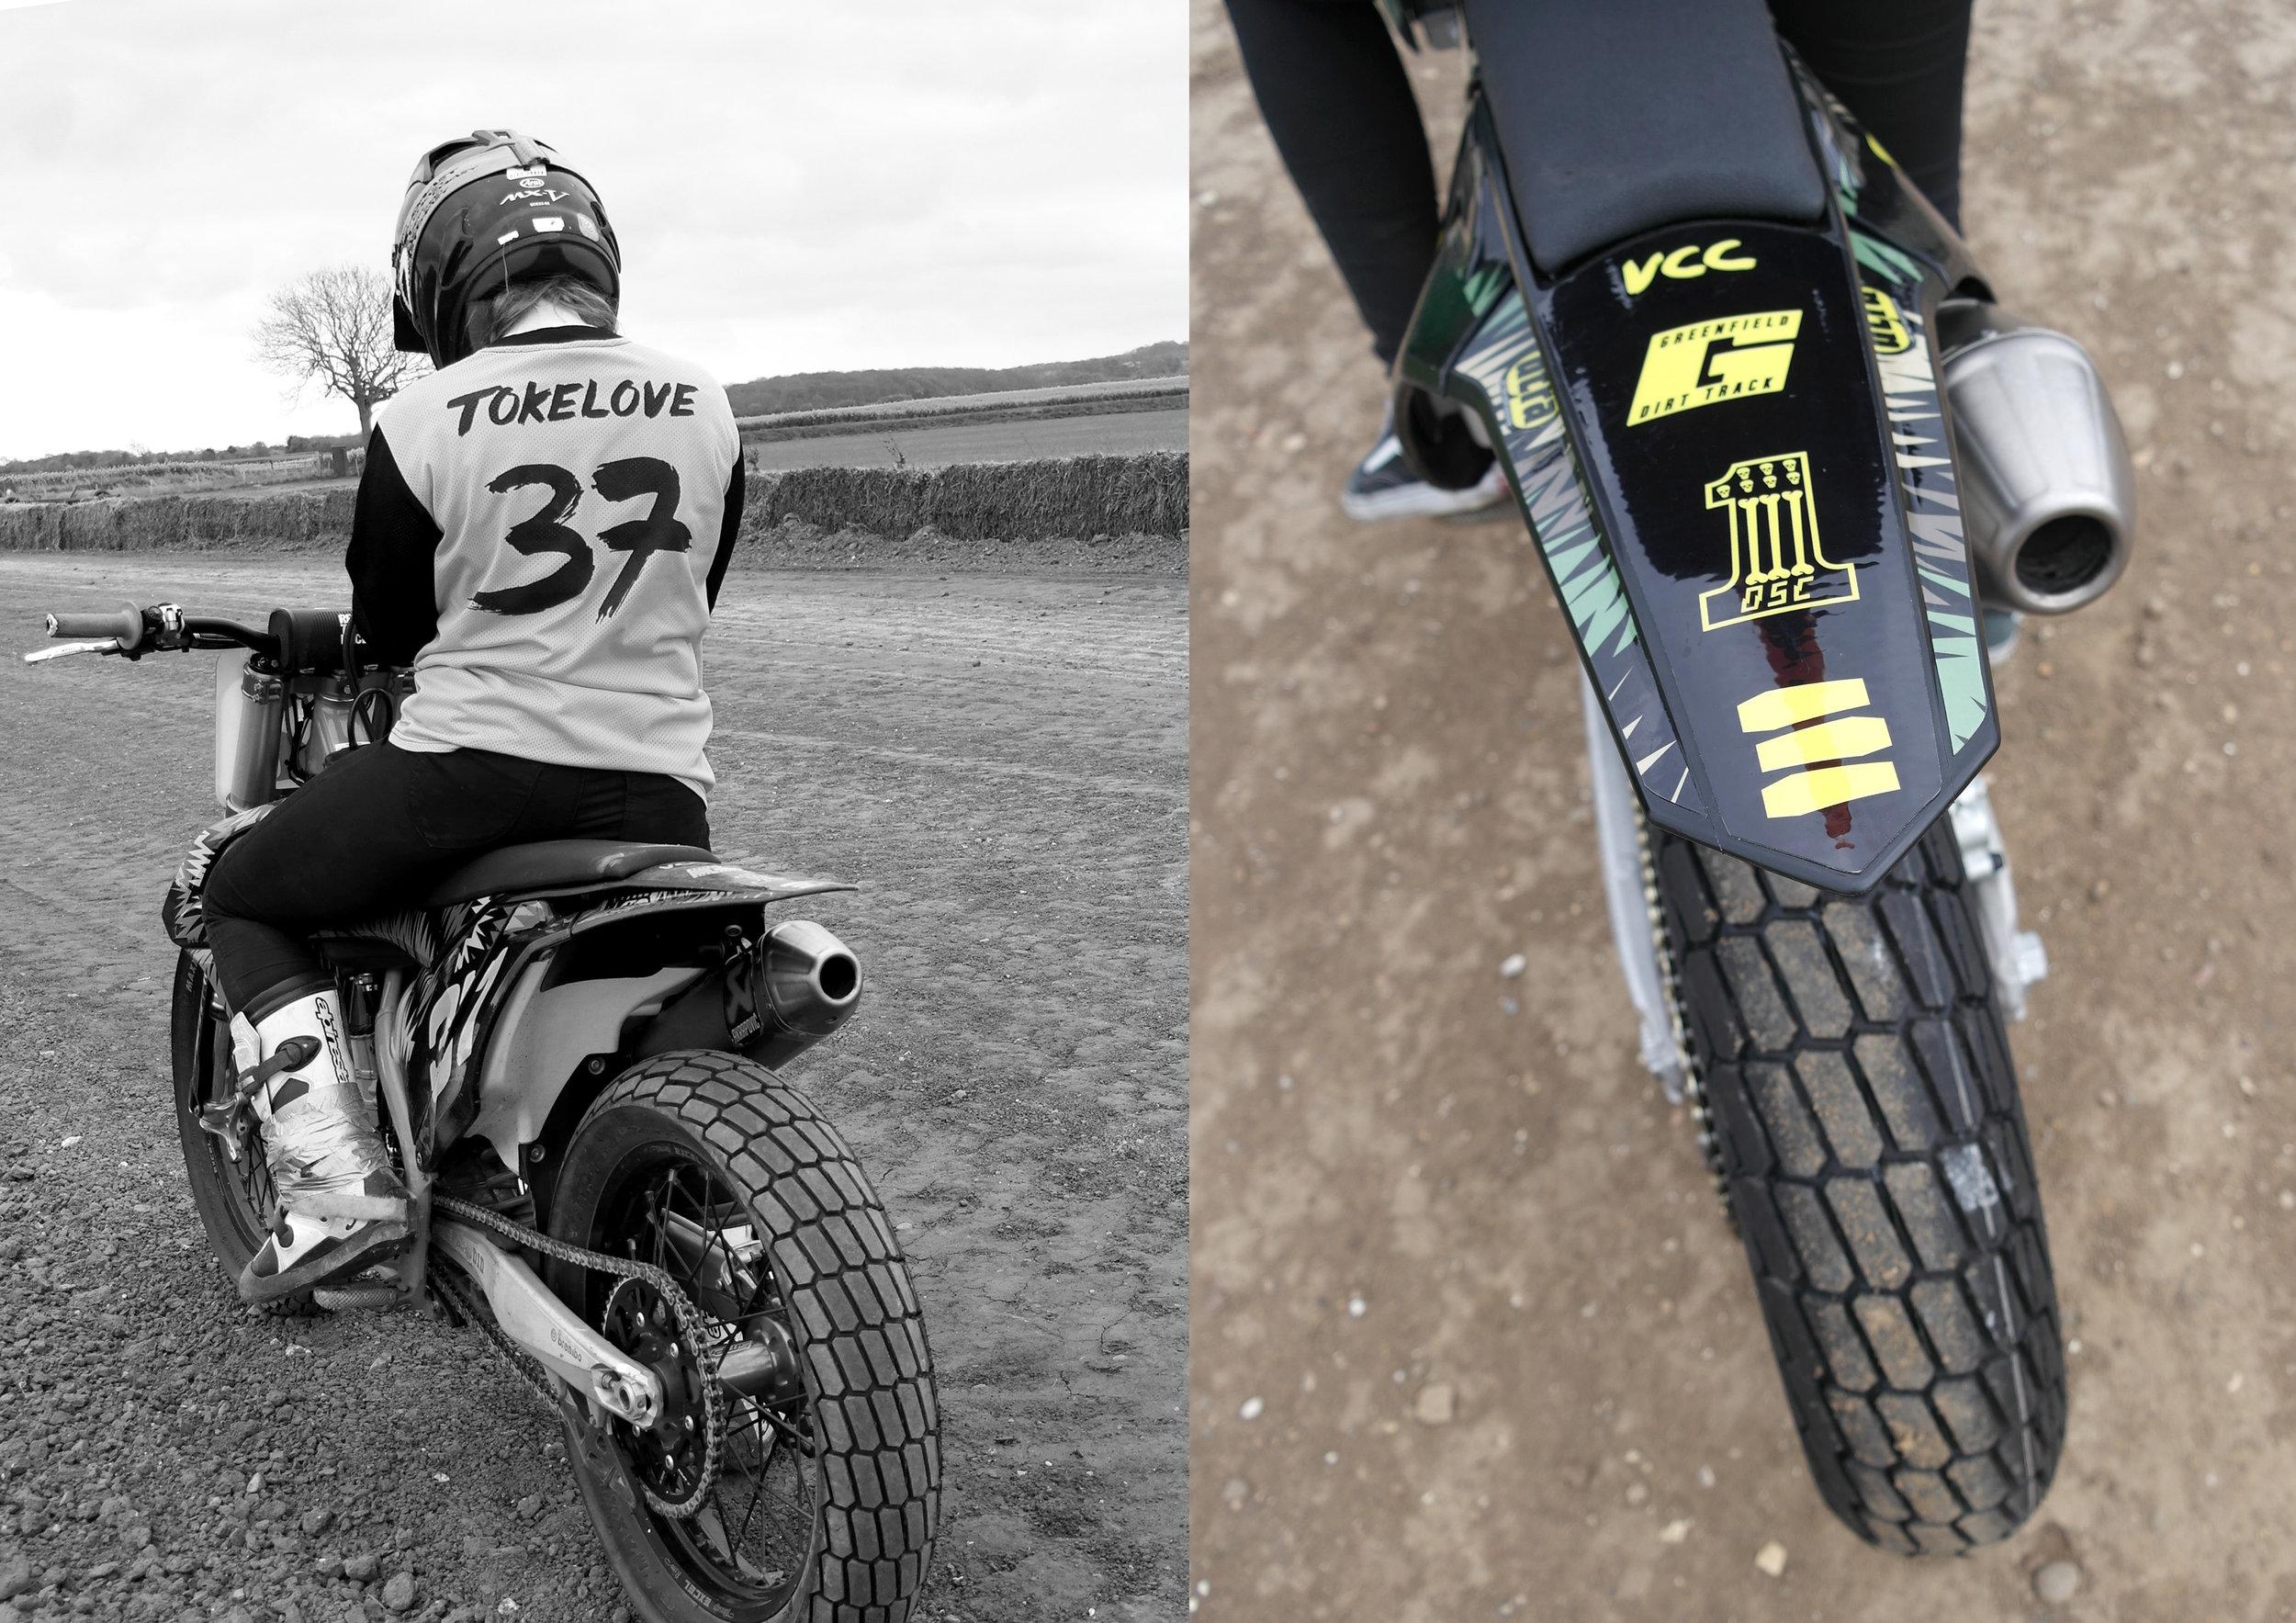 leah-tokelove-flat-track-bike.jpg